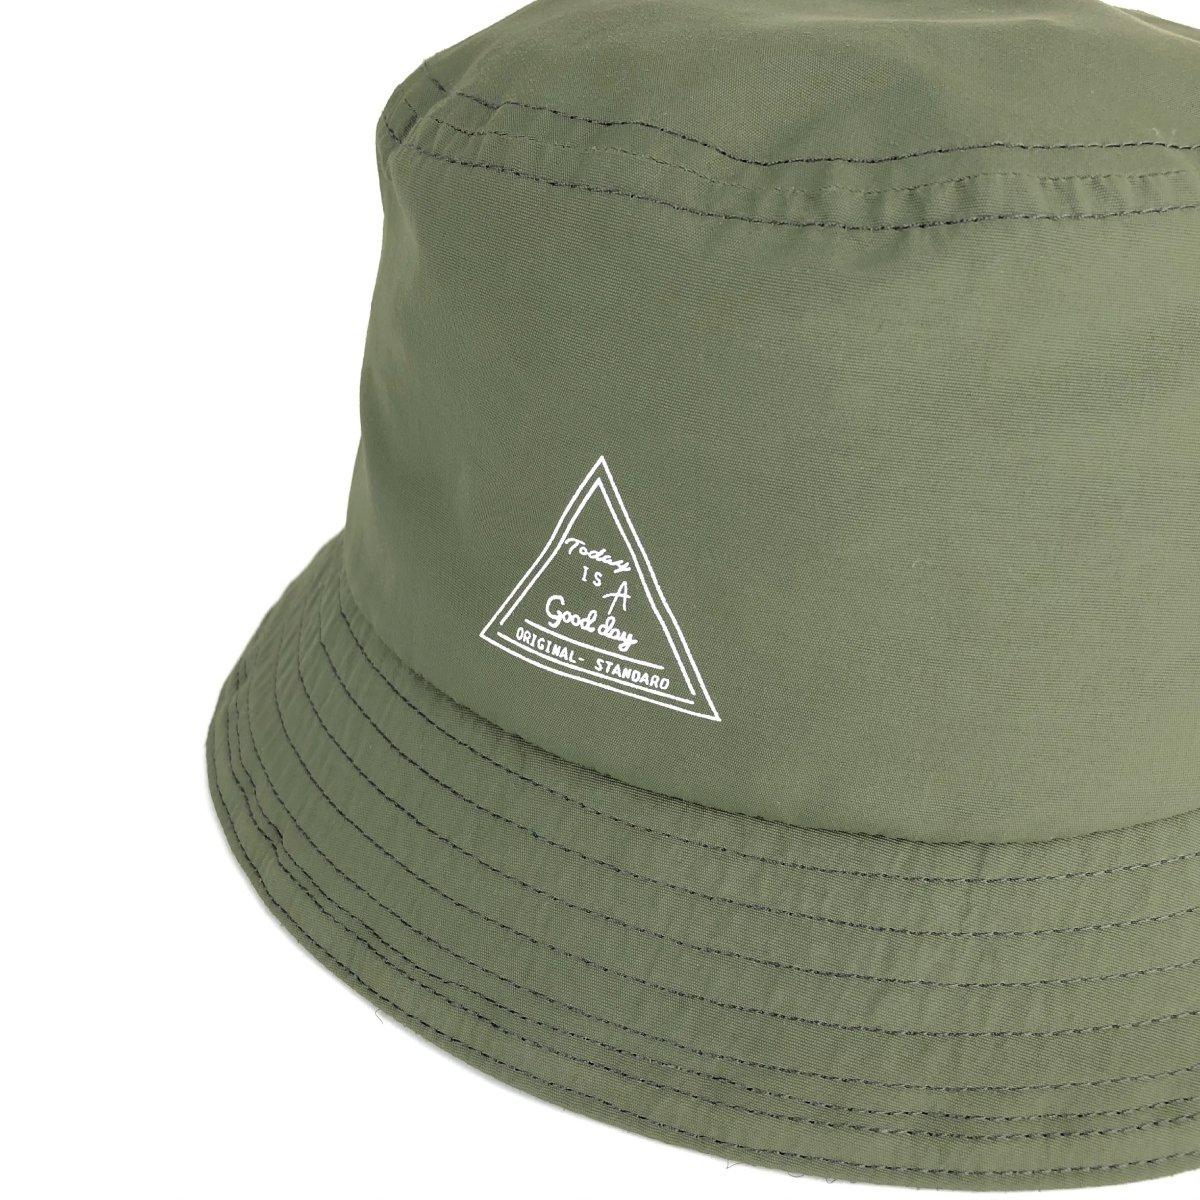 【KIDS】Kids Obey Hat 詳細画像10